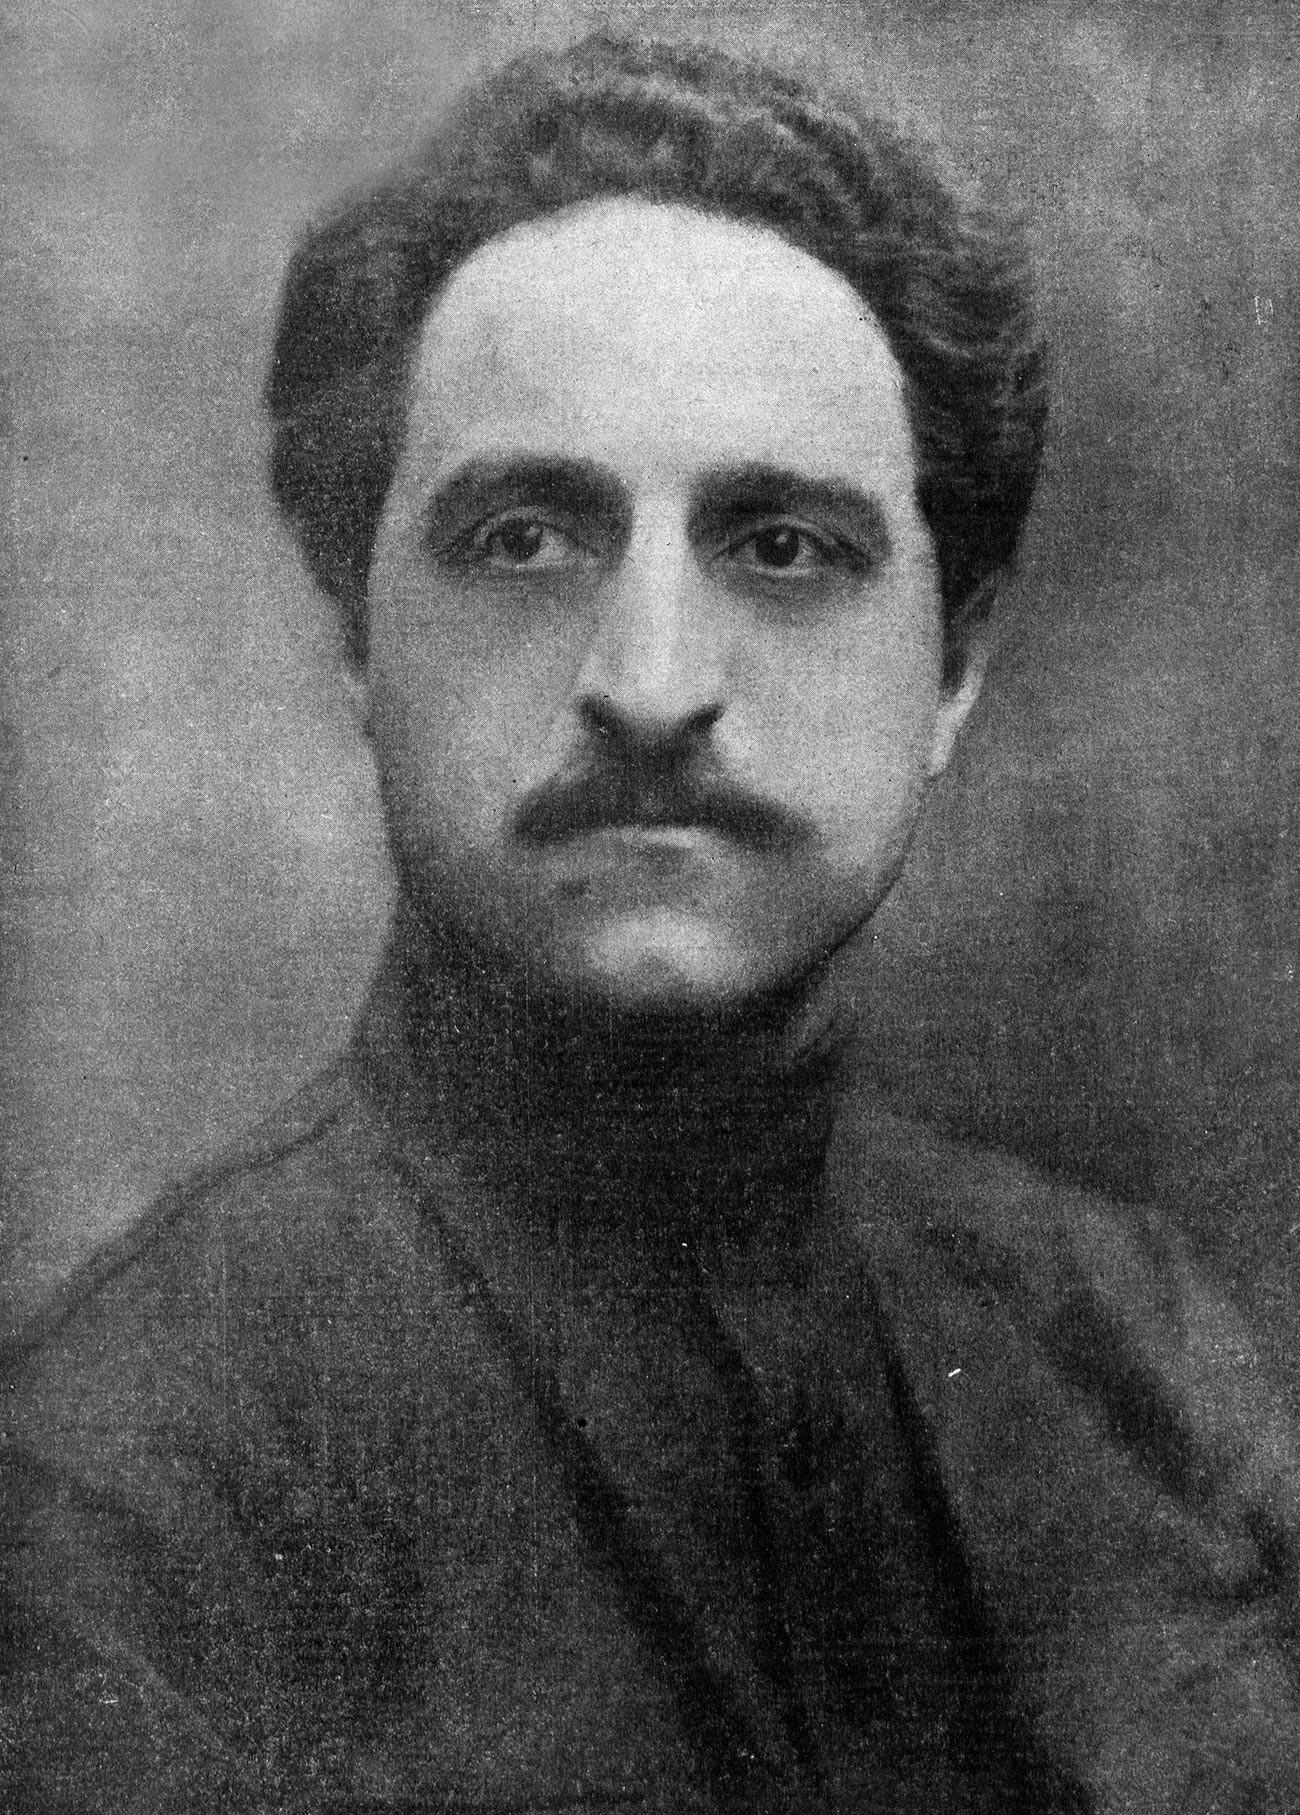 Sergo Ordzhonikidze